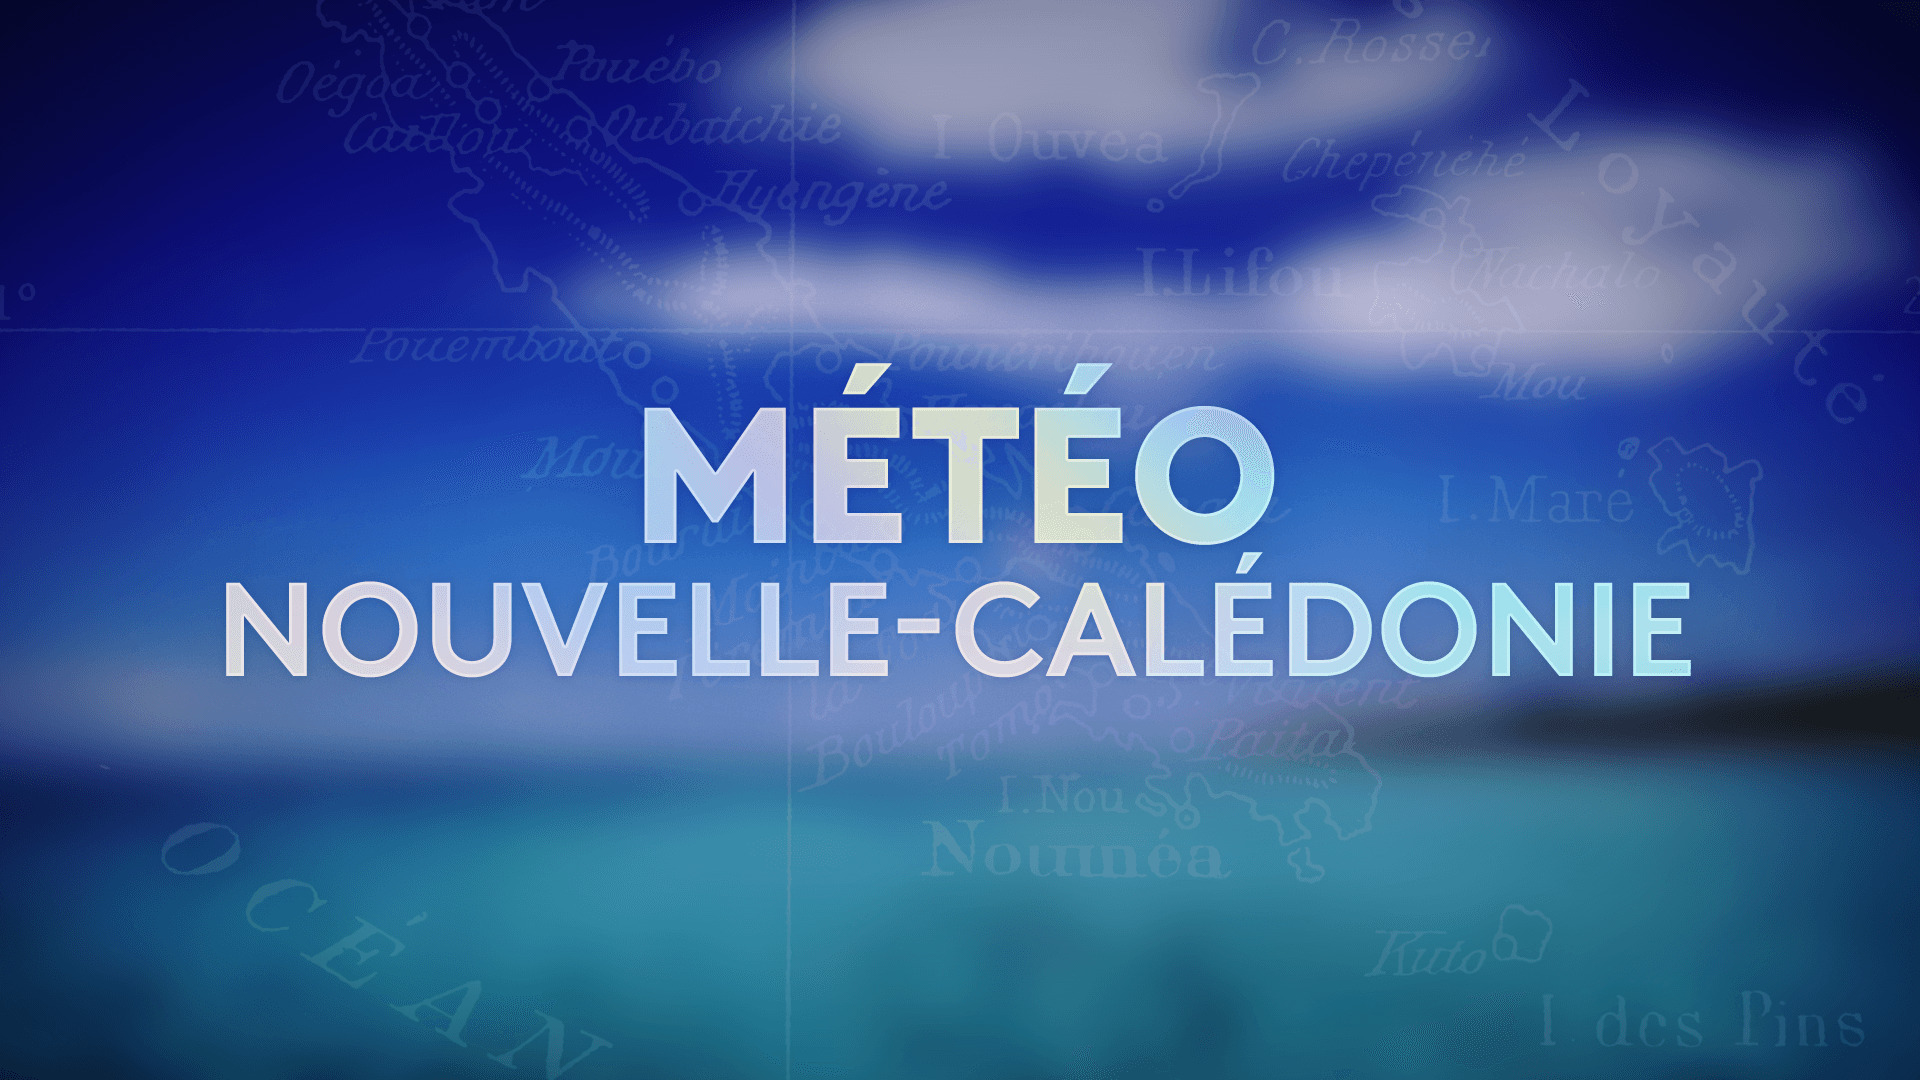 Météo Nouvelle Calédonie